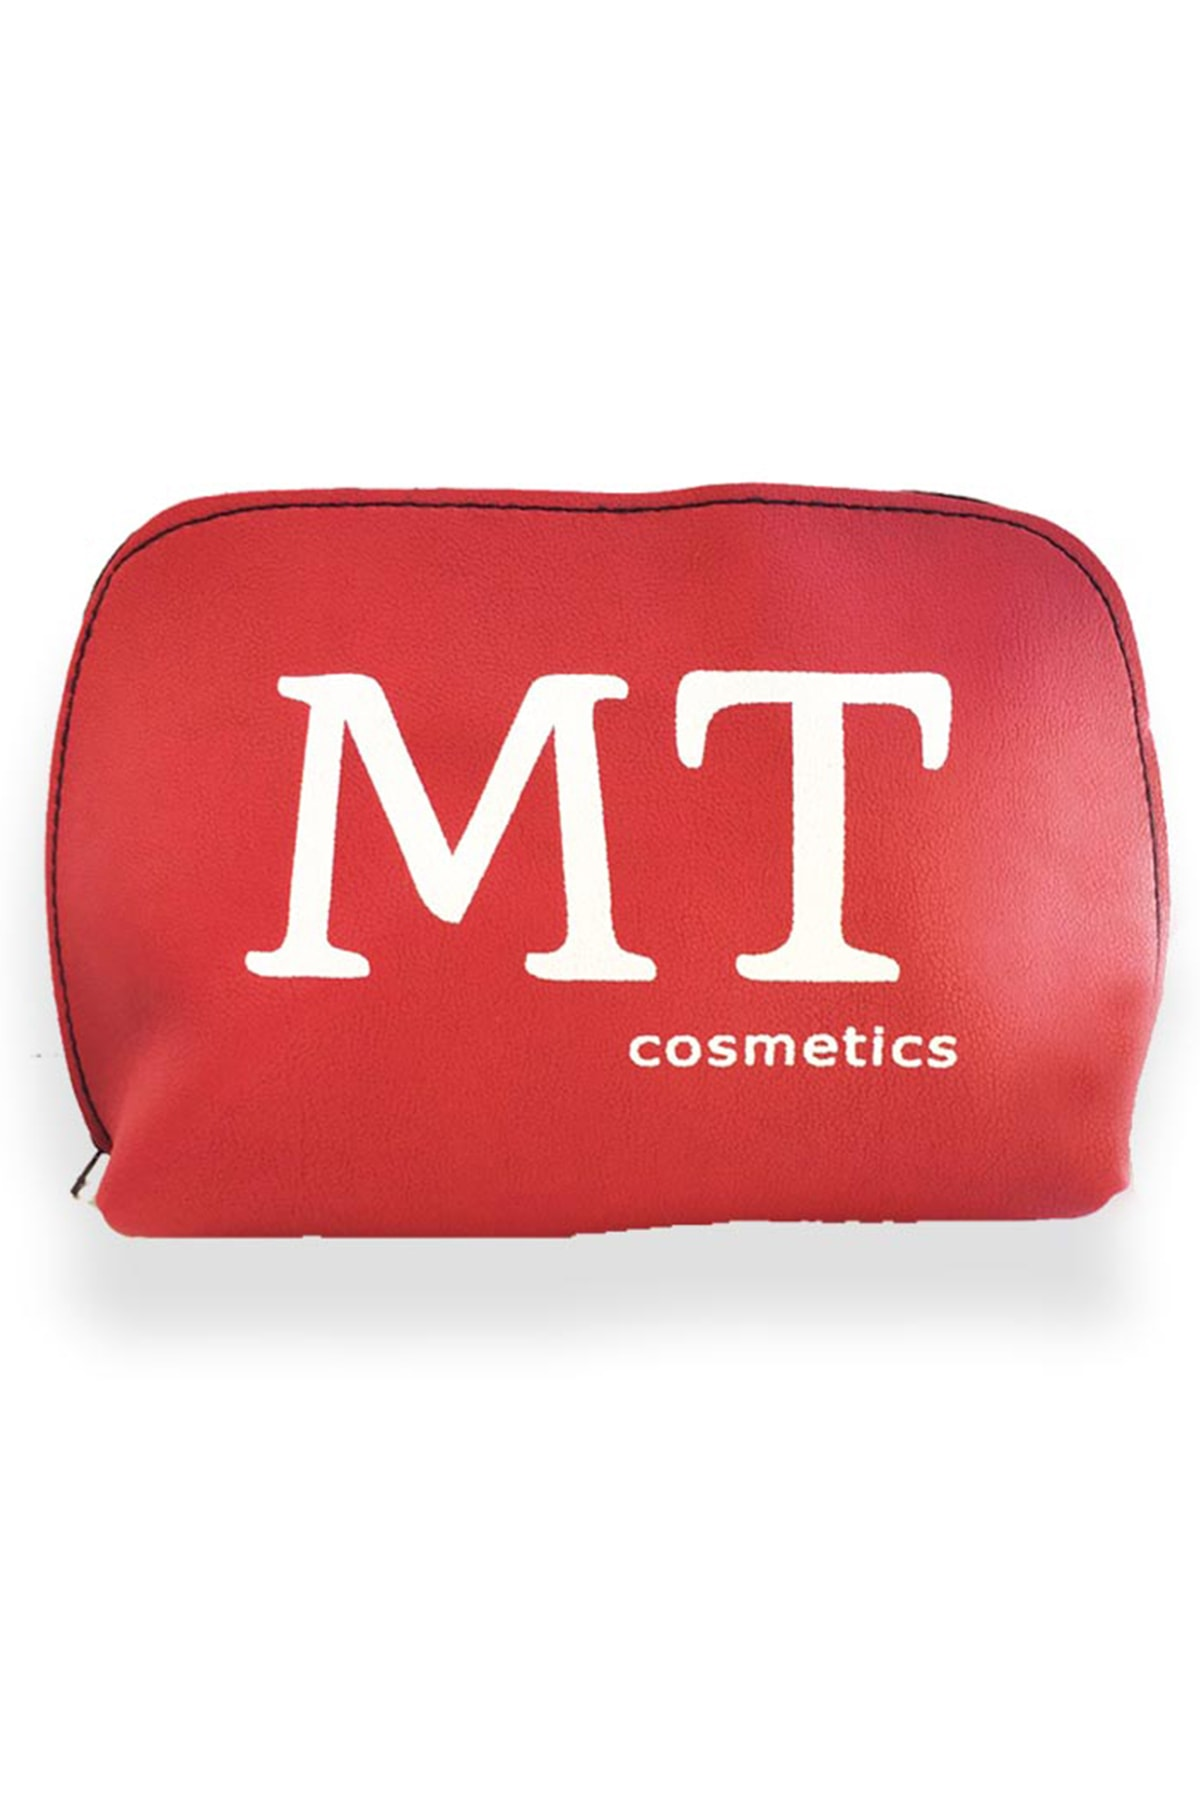 Makeuptime Mt Mat Deri Makyaj Çantası Kırmızı 1